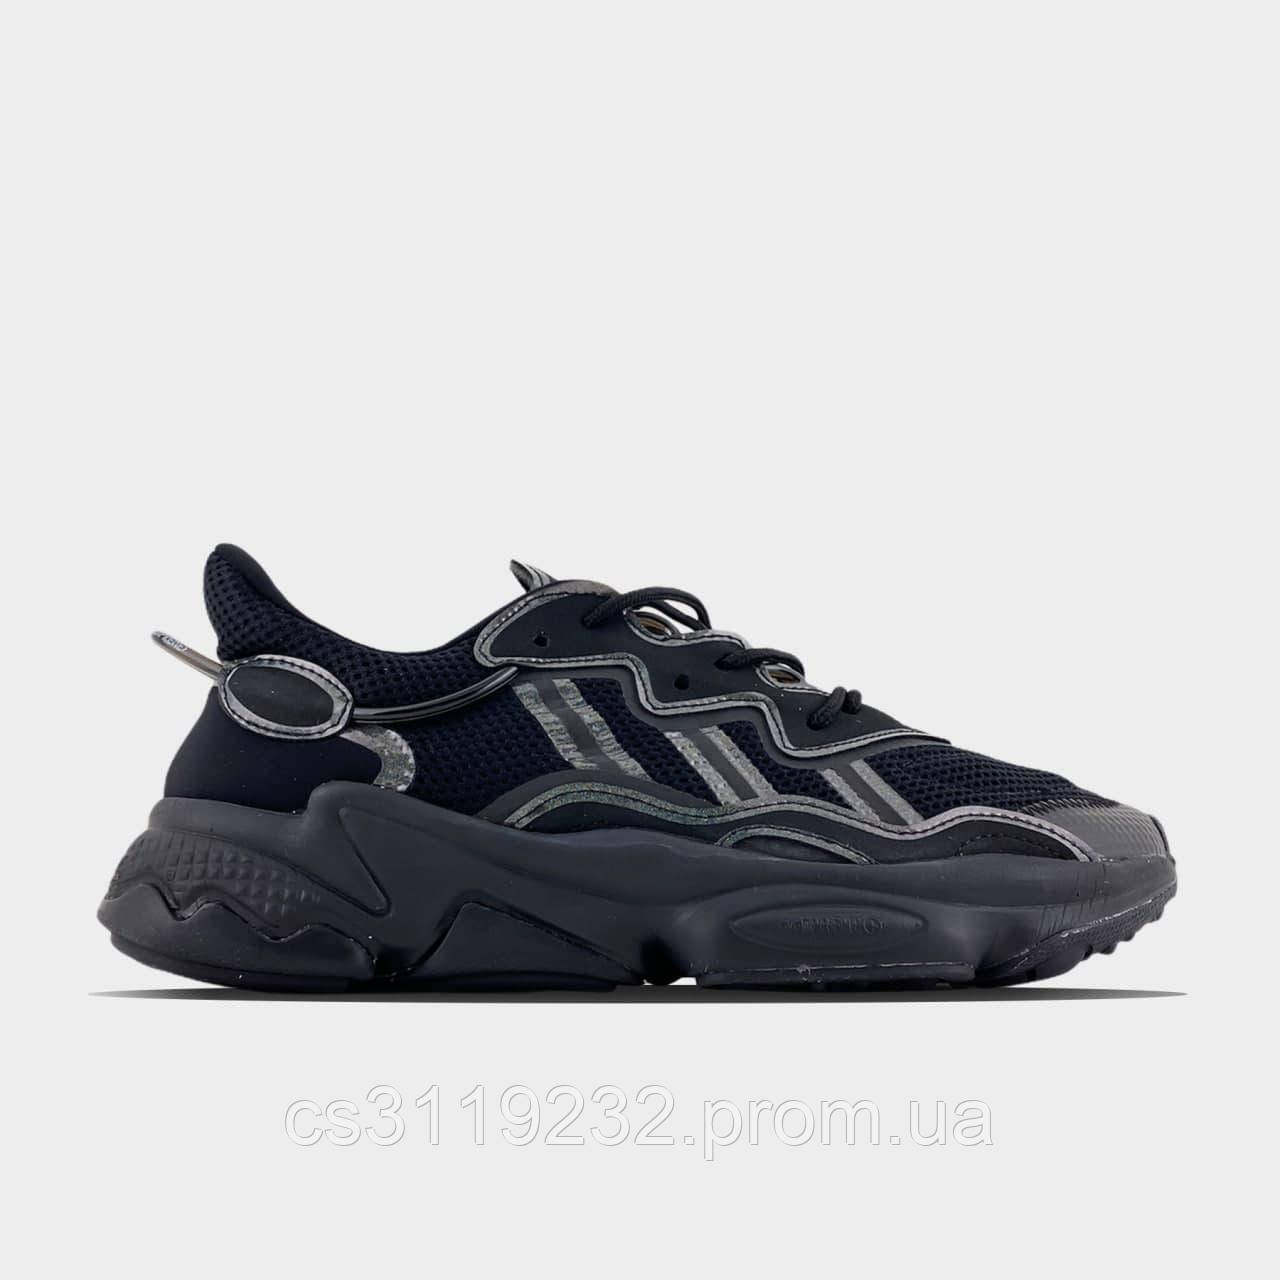 Мужские кроссовки Adidas Ozweego Black (черный)